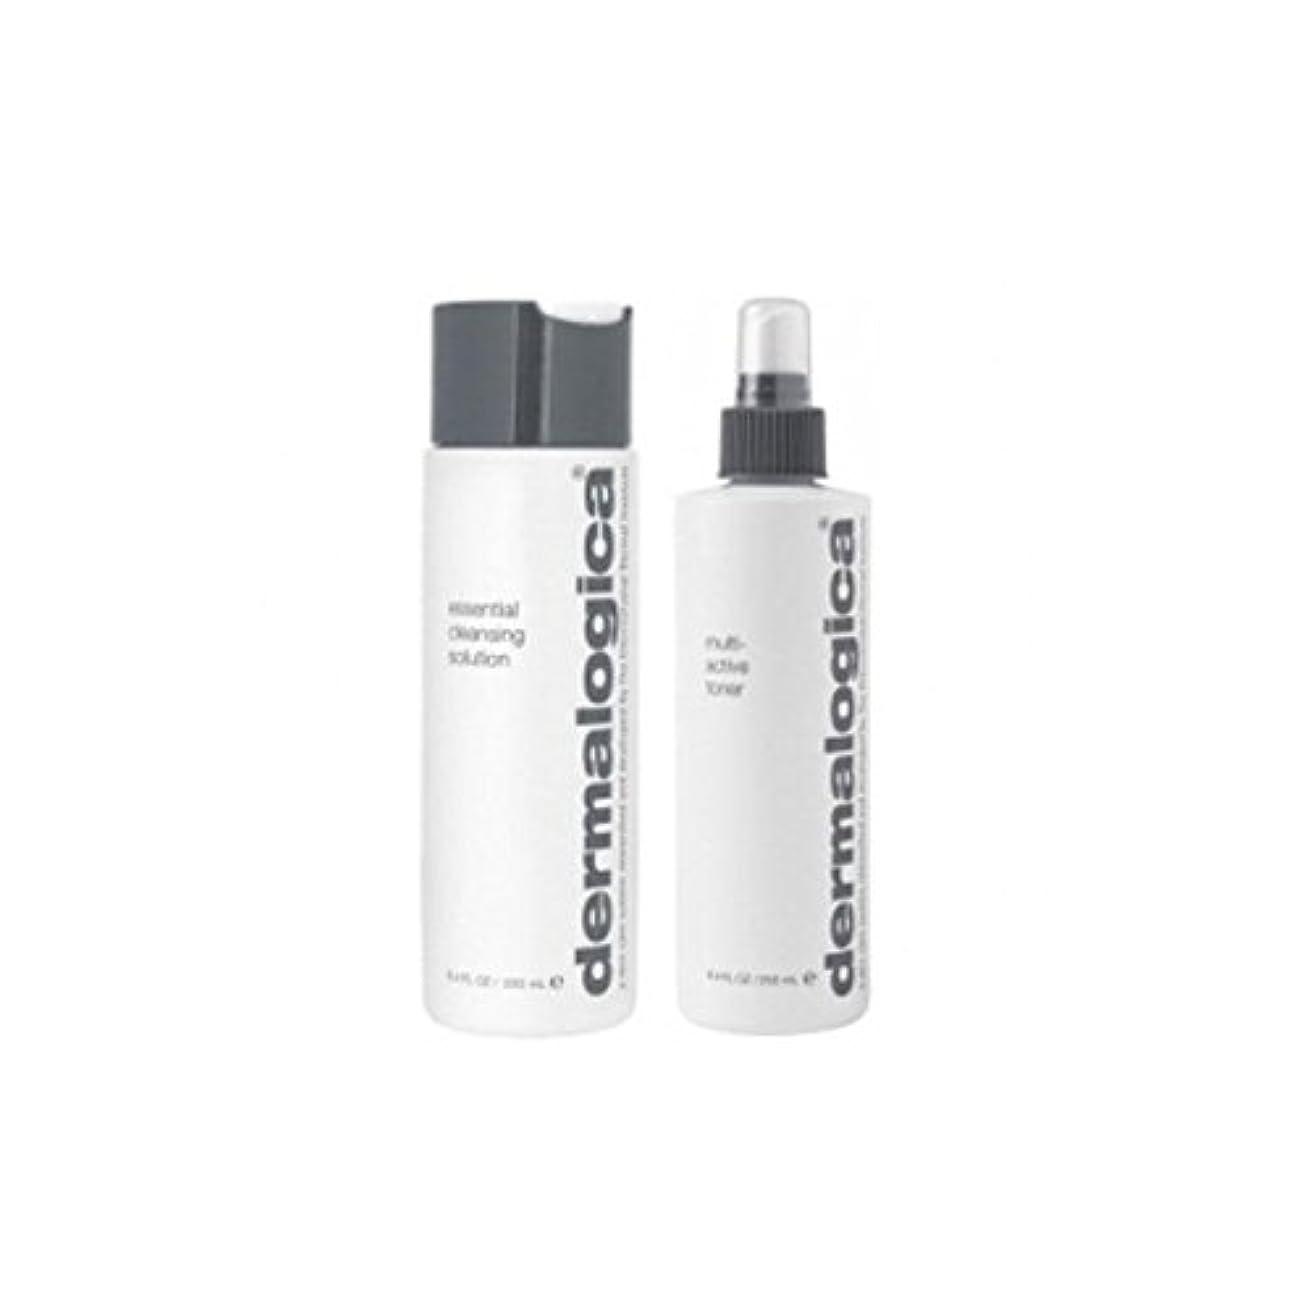 専門化するイサカ料理をするダーマロジカクレンジング&トーンデュオ - 乾燥肌 x4 - Dermalogica Cleanse & Tone Duo - Dry Skin (Pack of 4) [並行輸入品]